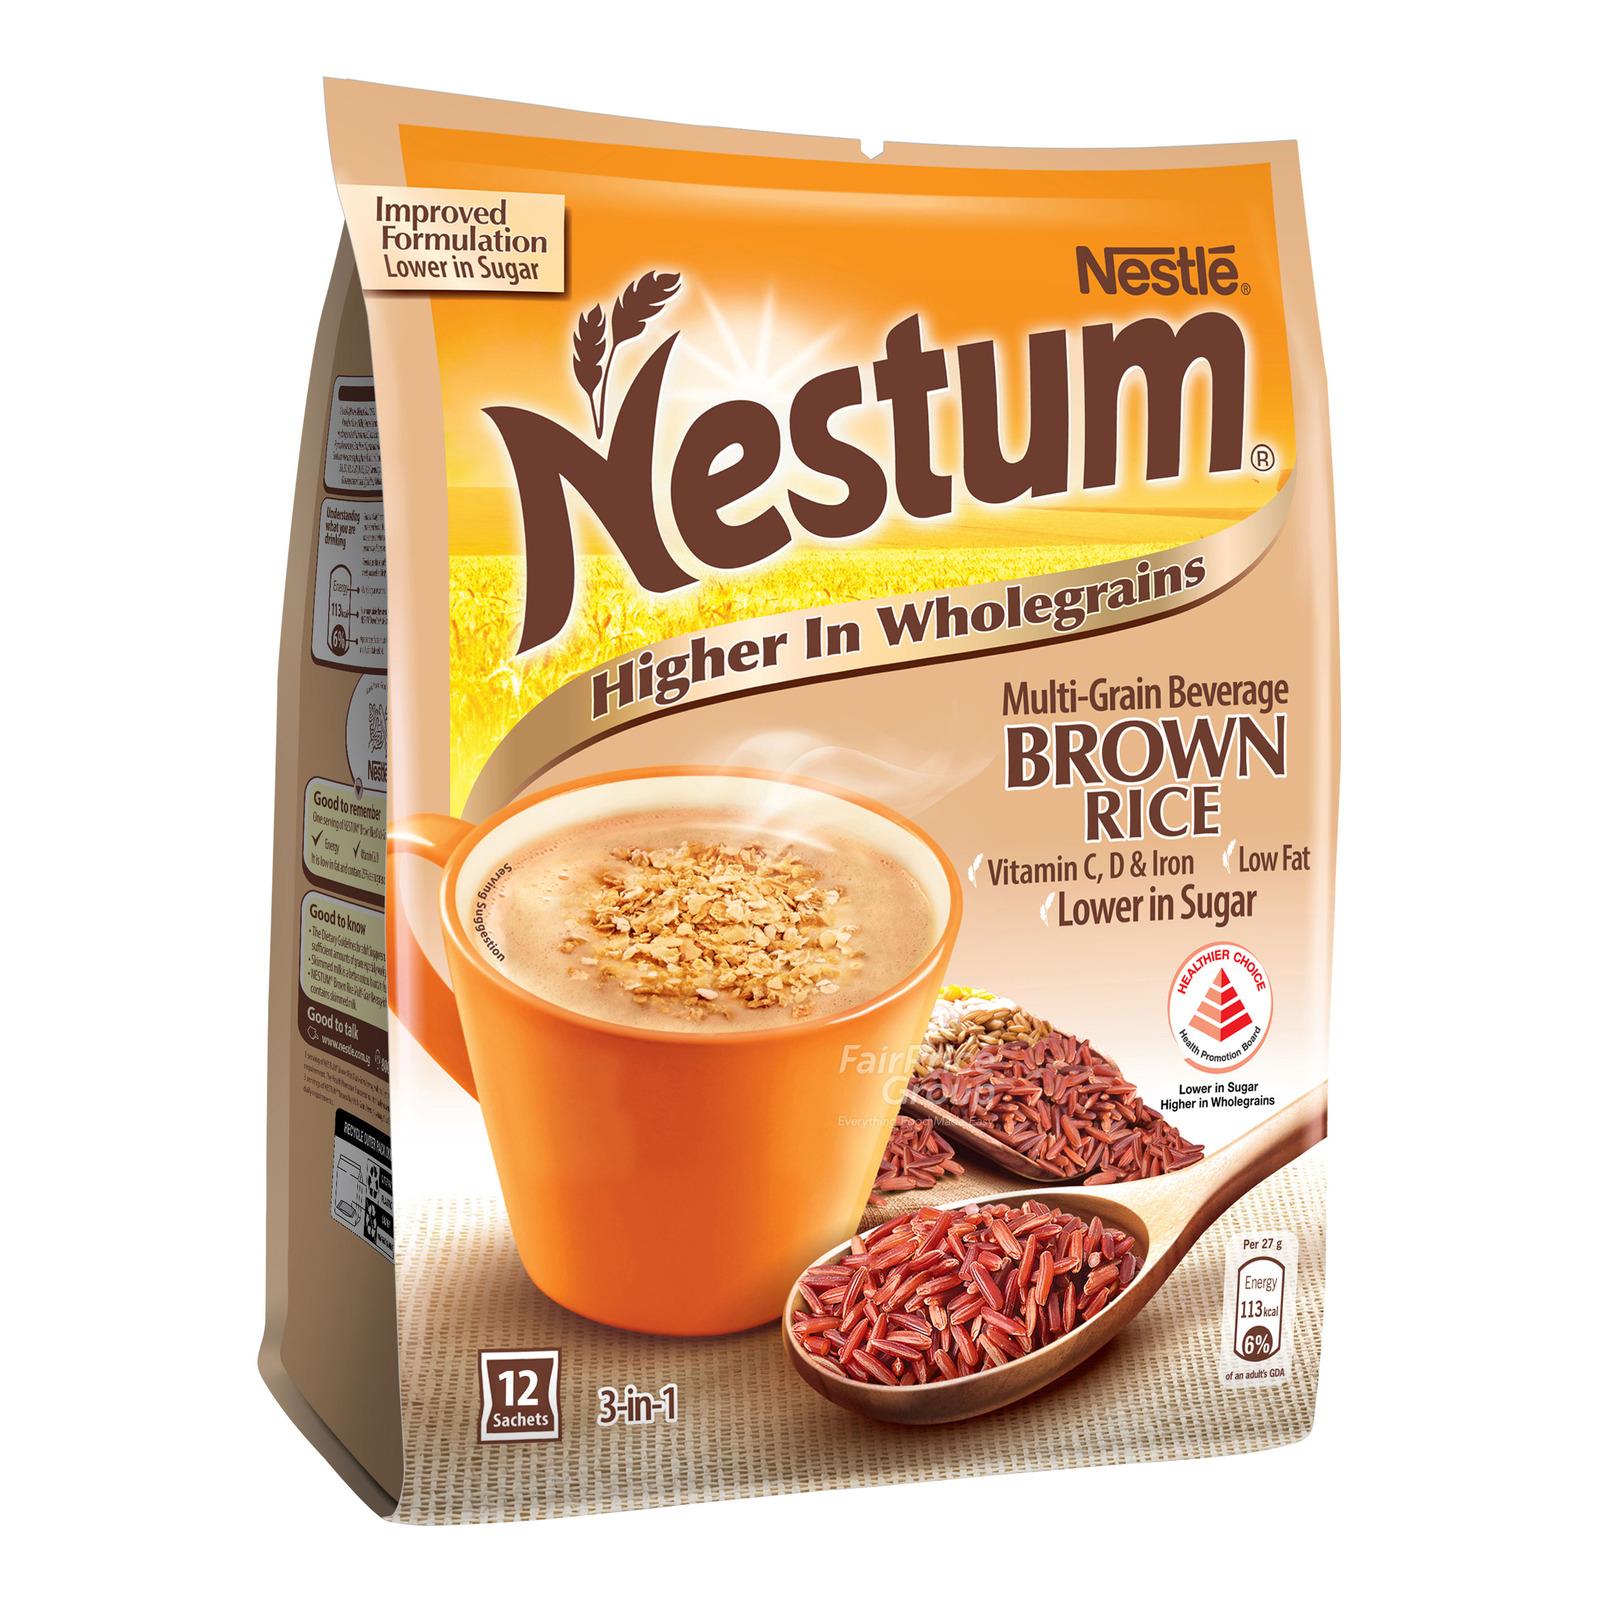 Nestle Nestum 3 in 1 Instant Cereal Milk Drink - Brown Rice